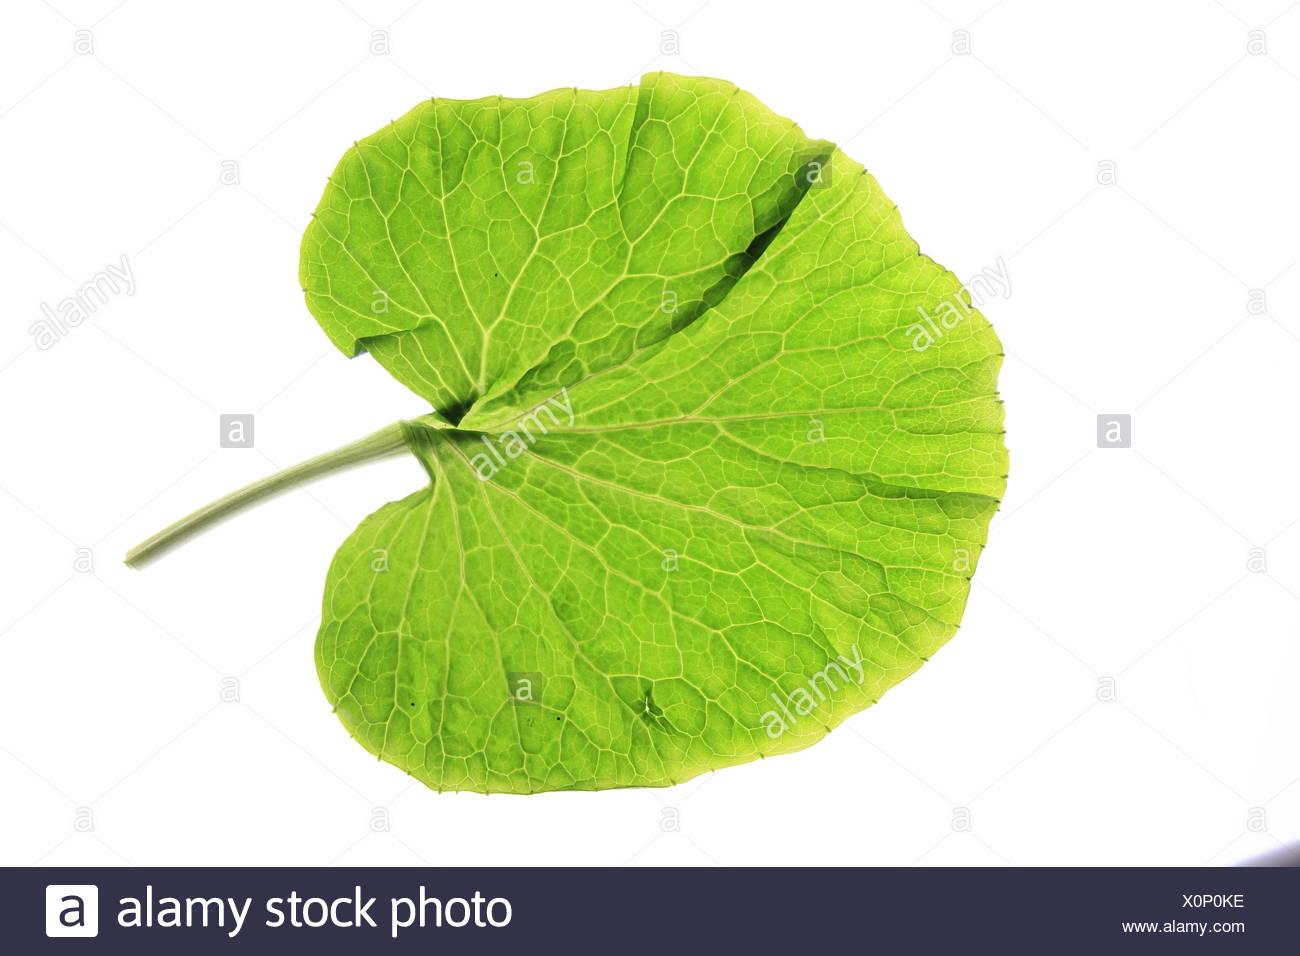 leaf of japanese horse-radish wasabi - Stock Image